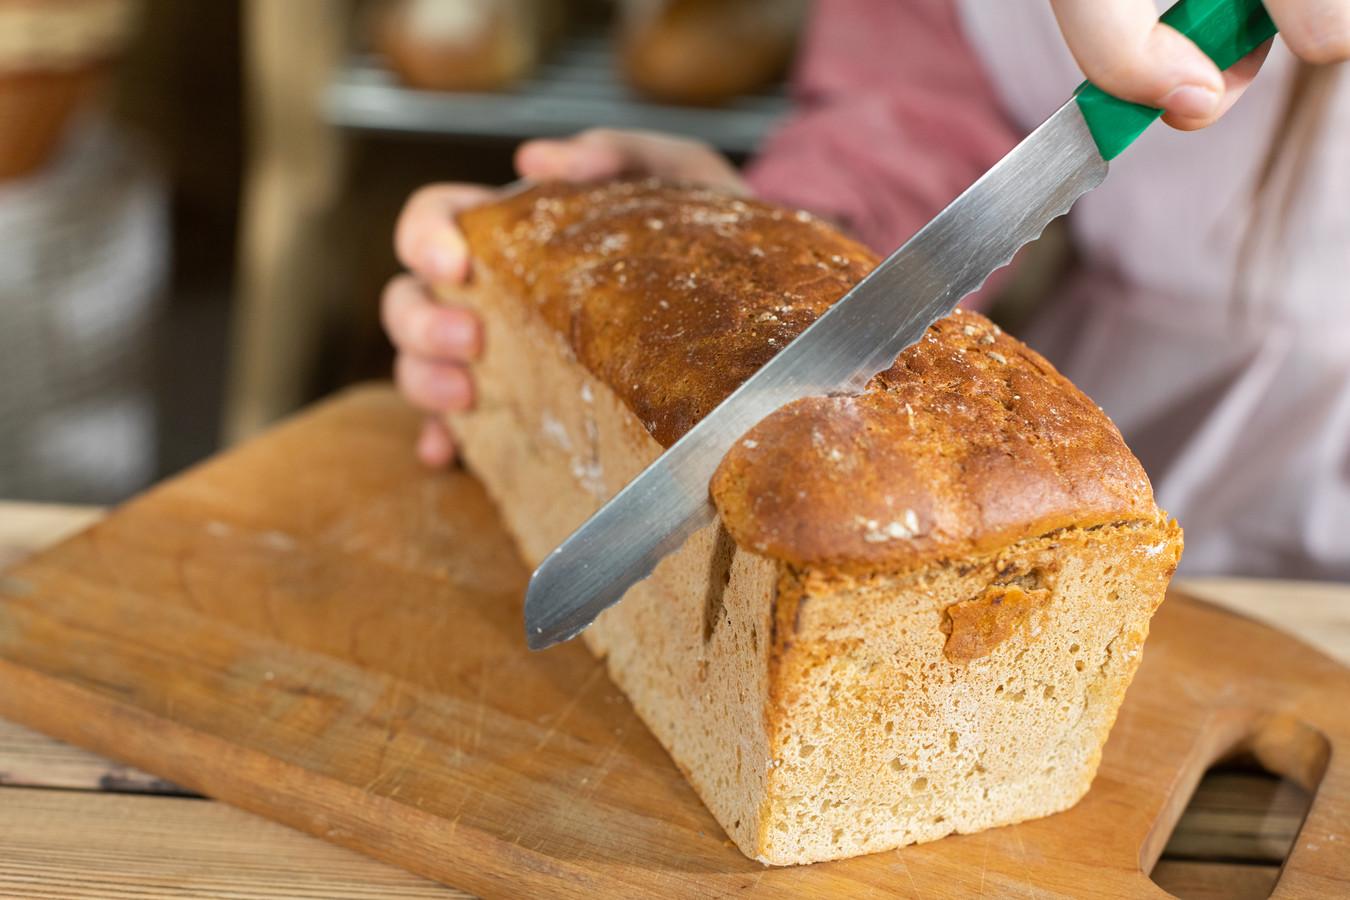 Wie kapjes eet, verspilt niet alleen minder brood.